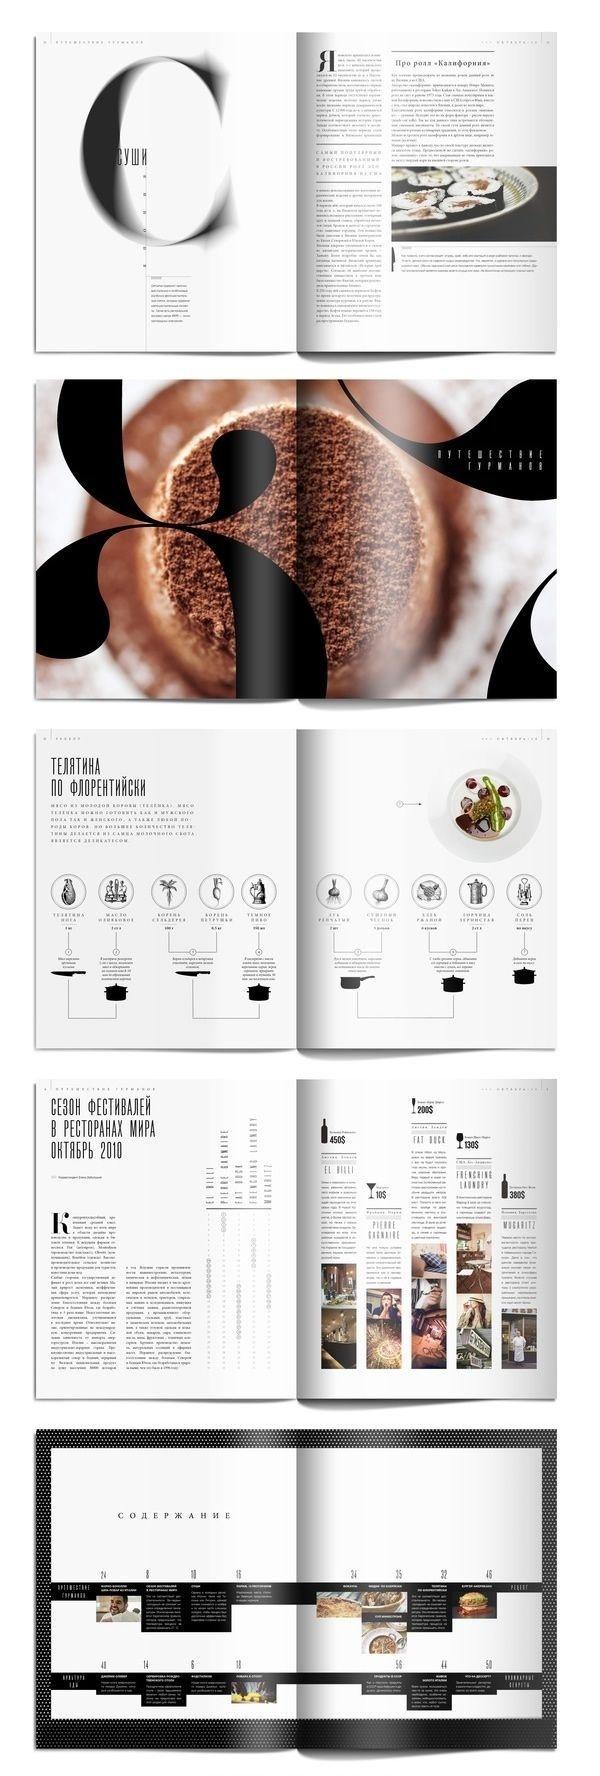 Food Magazine Editorial Design